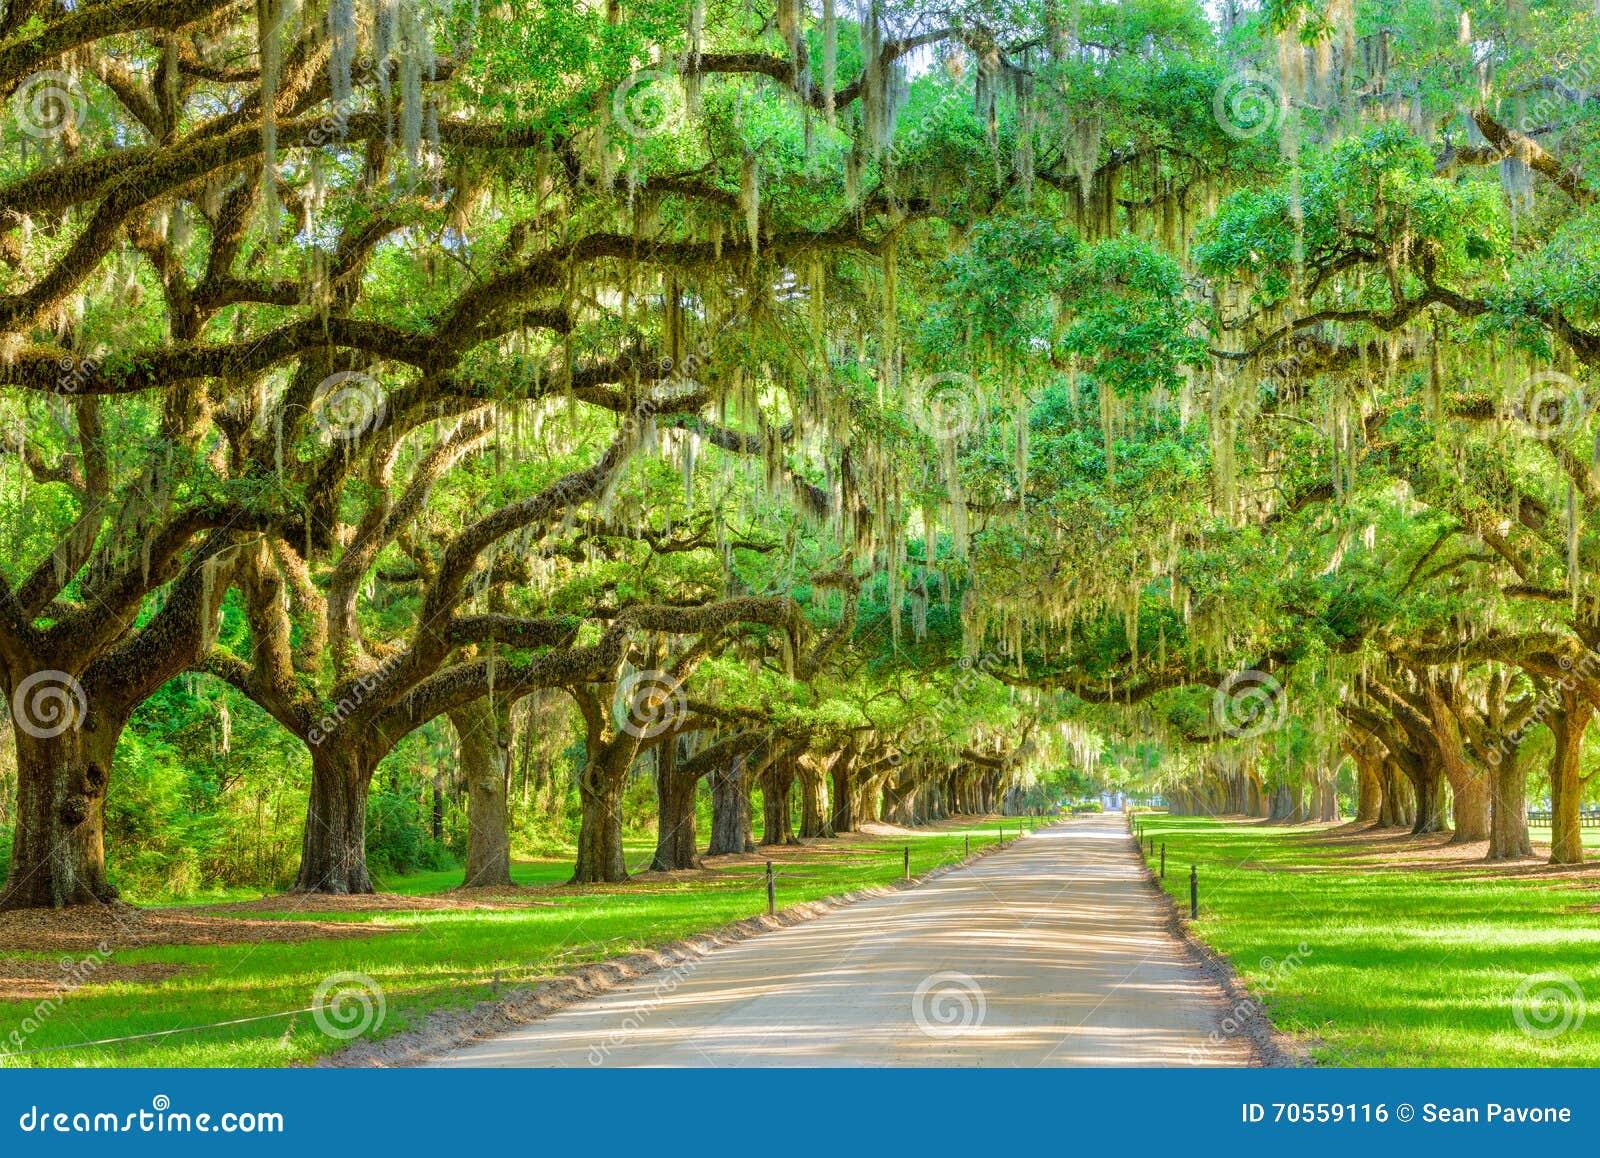 Southern Plantation Entrance Stock Photo 15119628